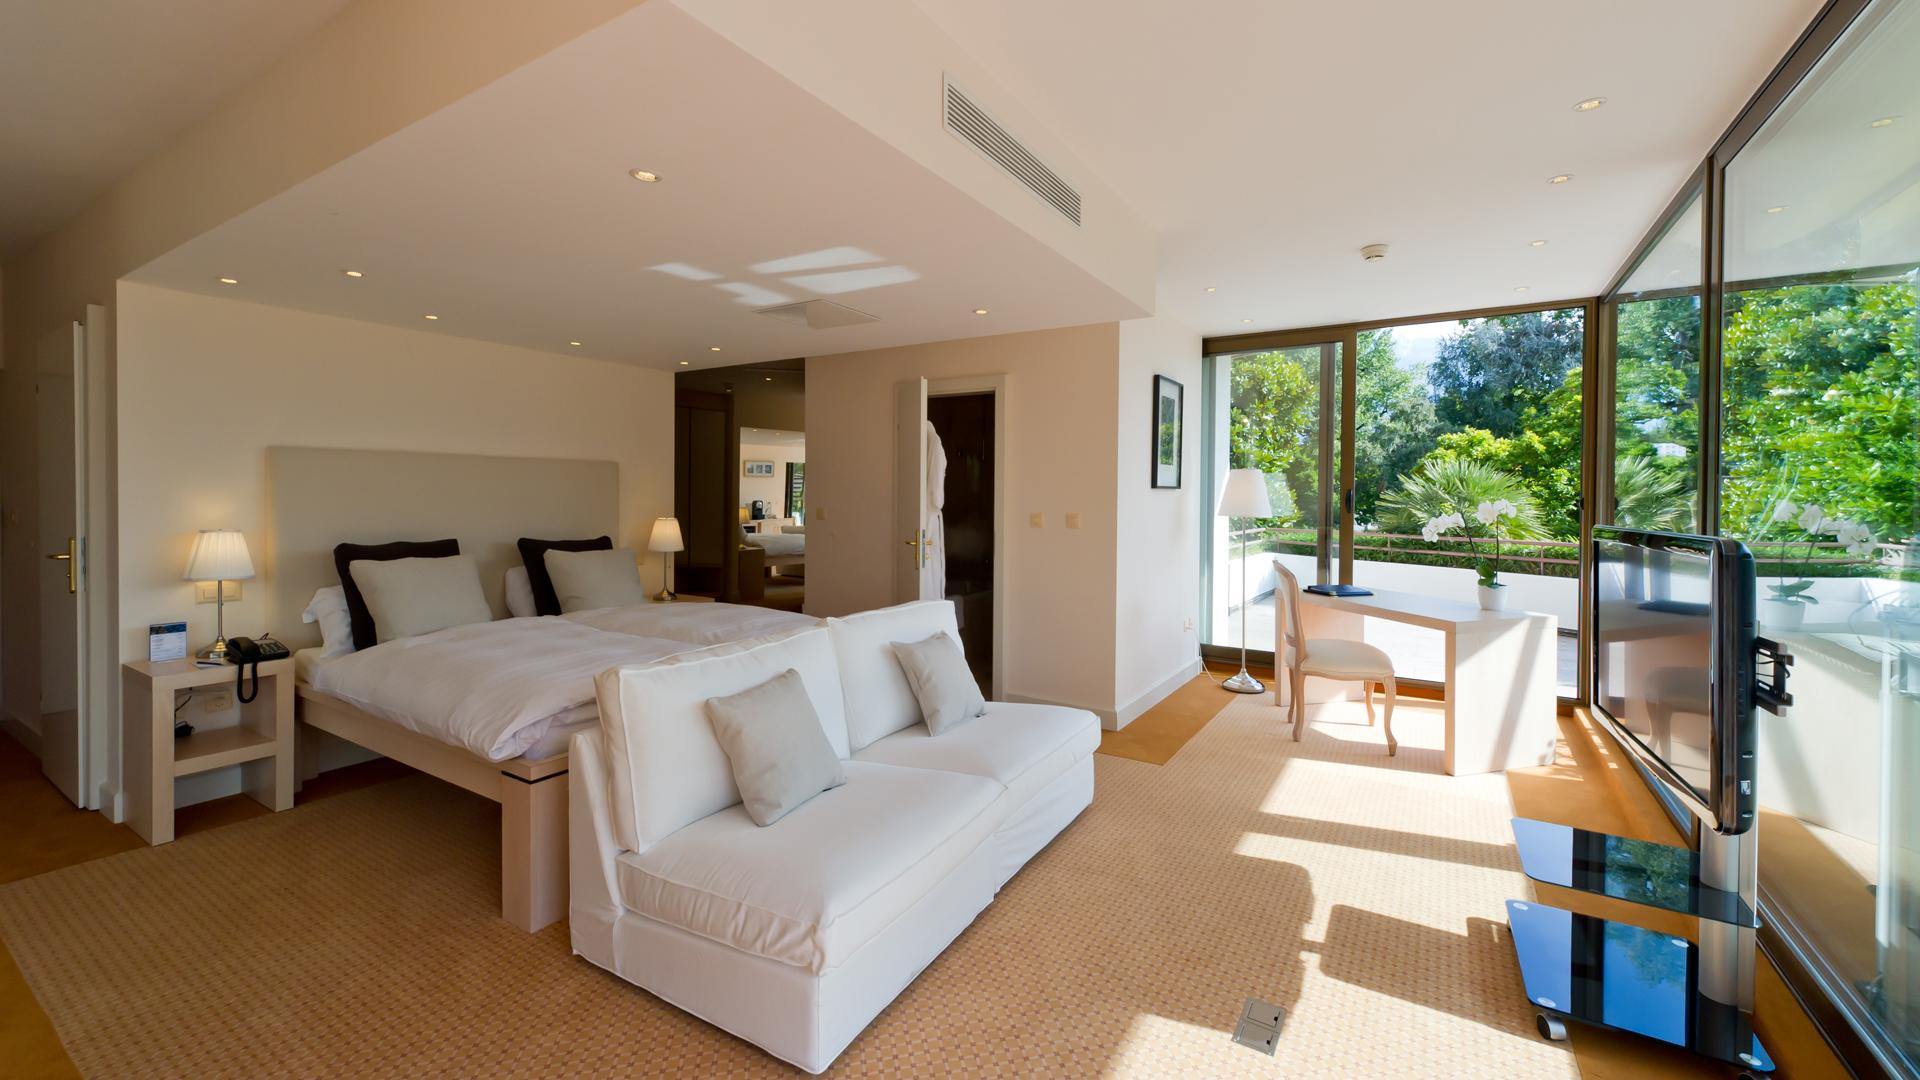 Hotel Suisse Avec Jacuzzi Dans La Chambre | Greenacres Stud à Hotel Avec Jacuzzi Dans La Chambre Paca